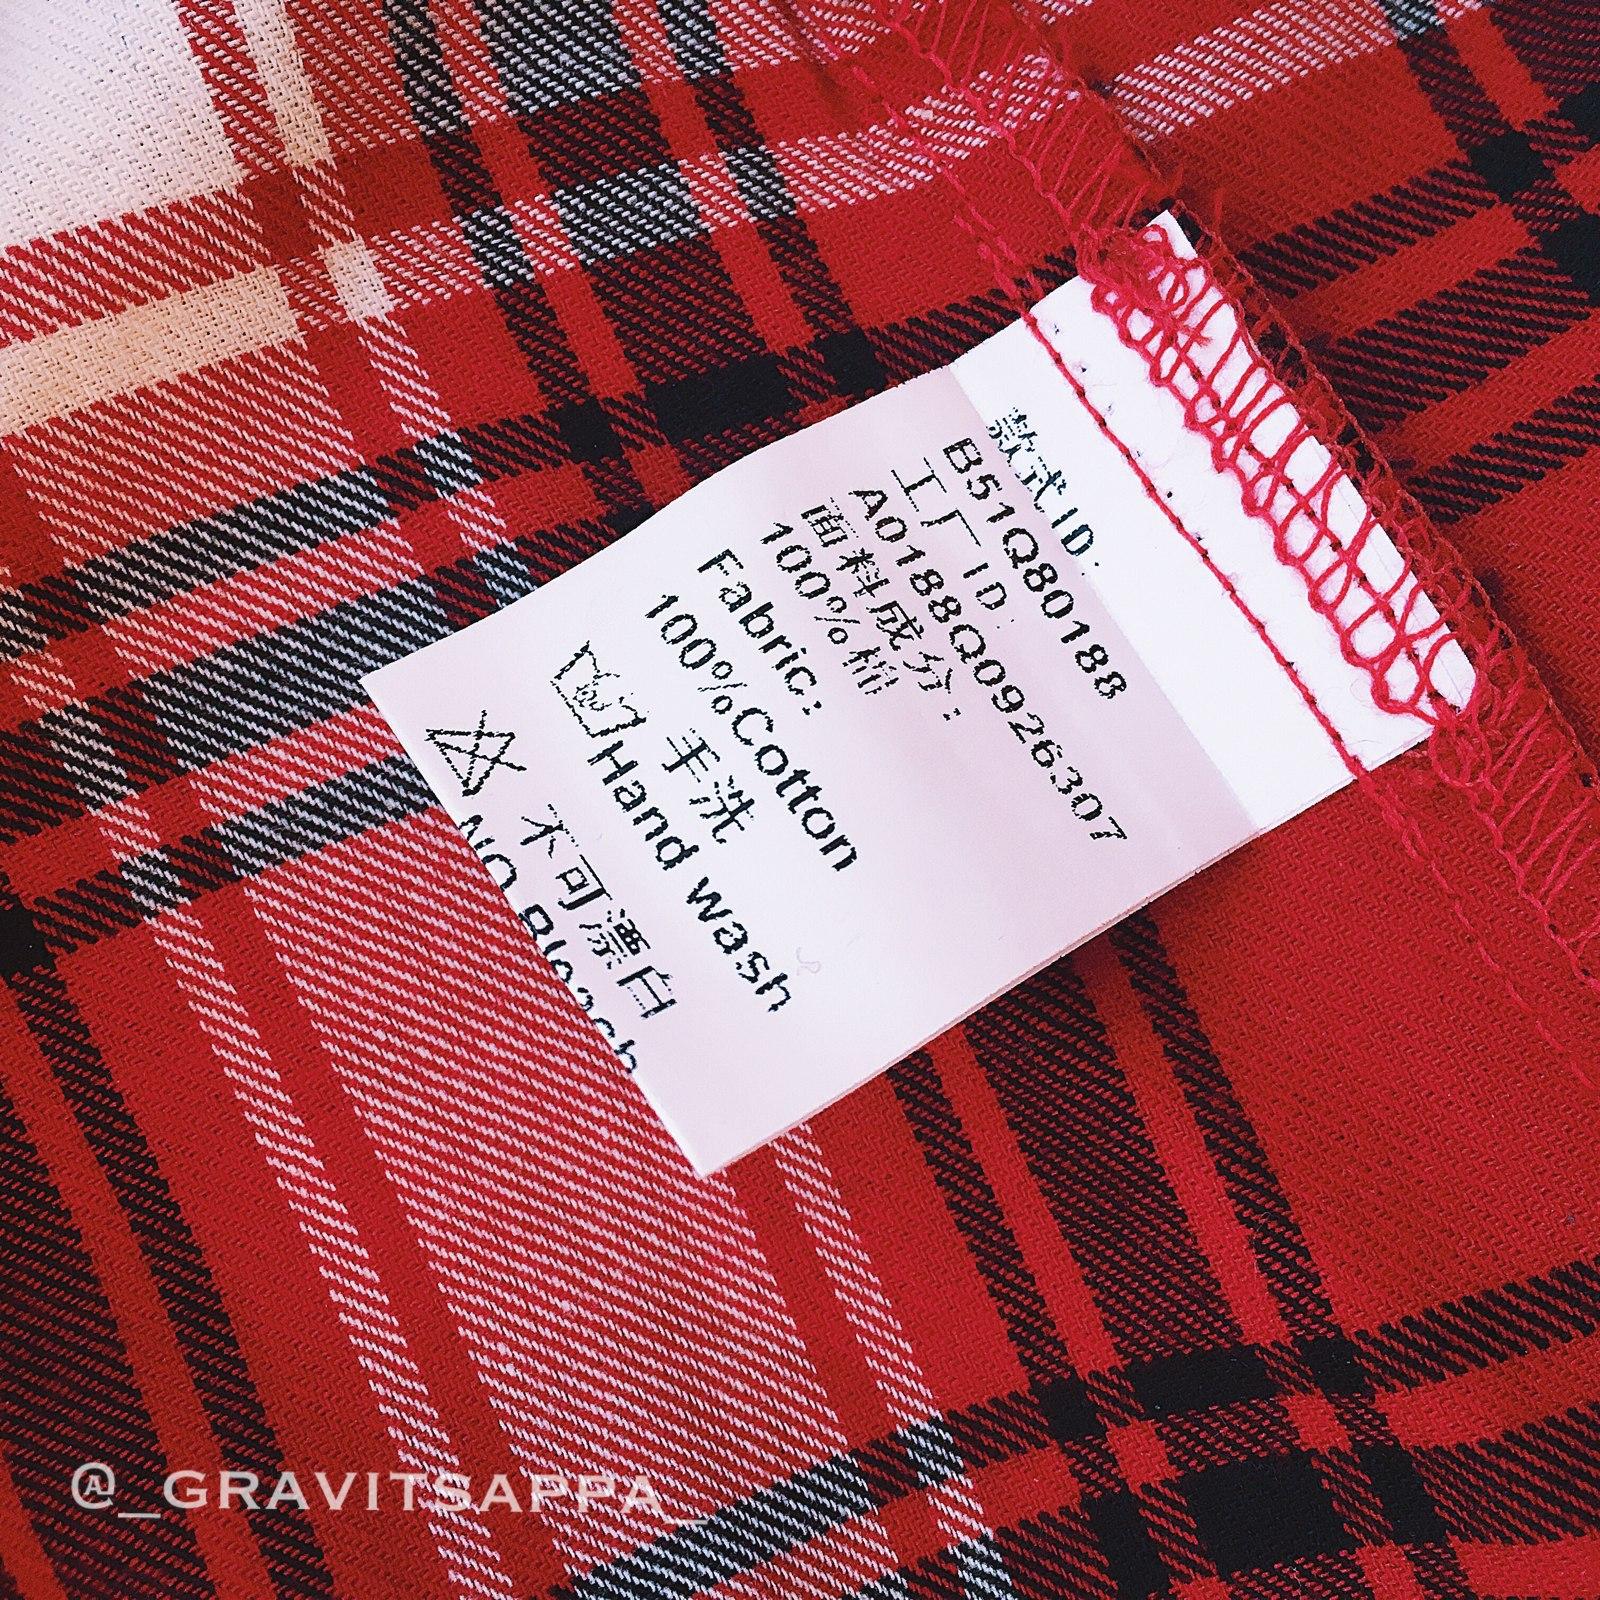 Хлопковое платье-рубашка с эффектным разрезом бренда Haoduoyi из магазина Pink Cloud Store Вообще я заказывала это плать